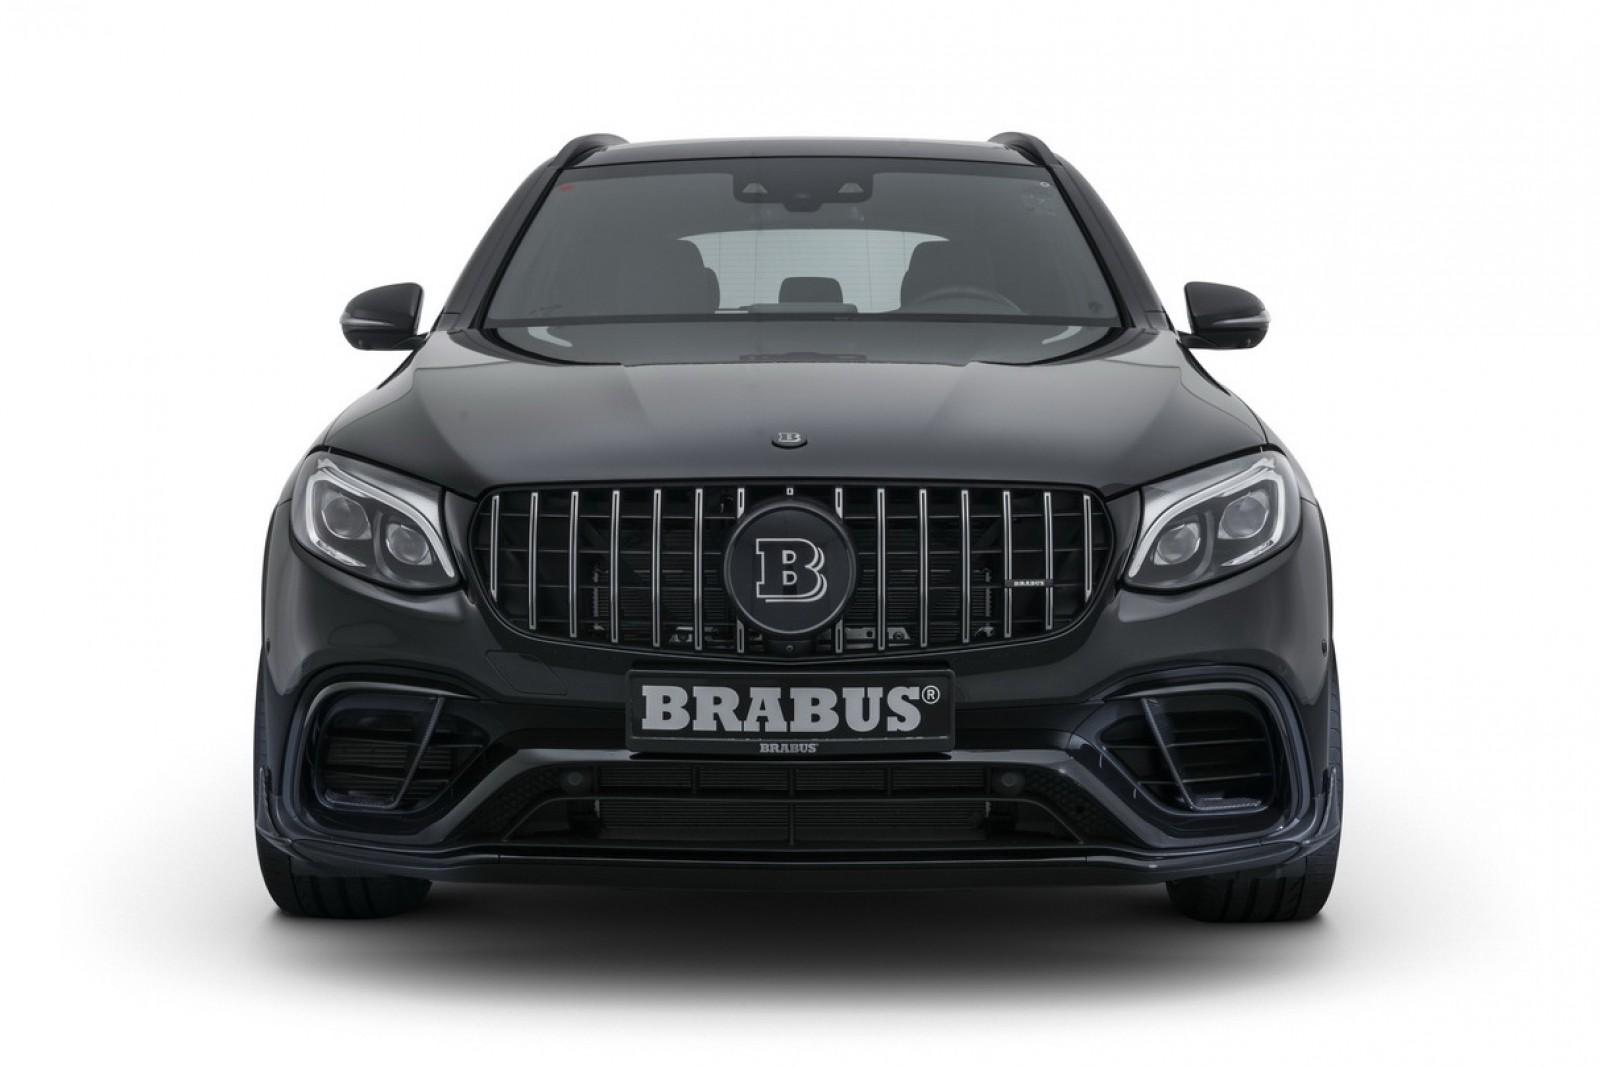 (foto) Noul Brabus 600 Compact SUV este capabil să accelereze de la 0 la 100 de km/h în 3.6 secunde